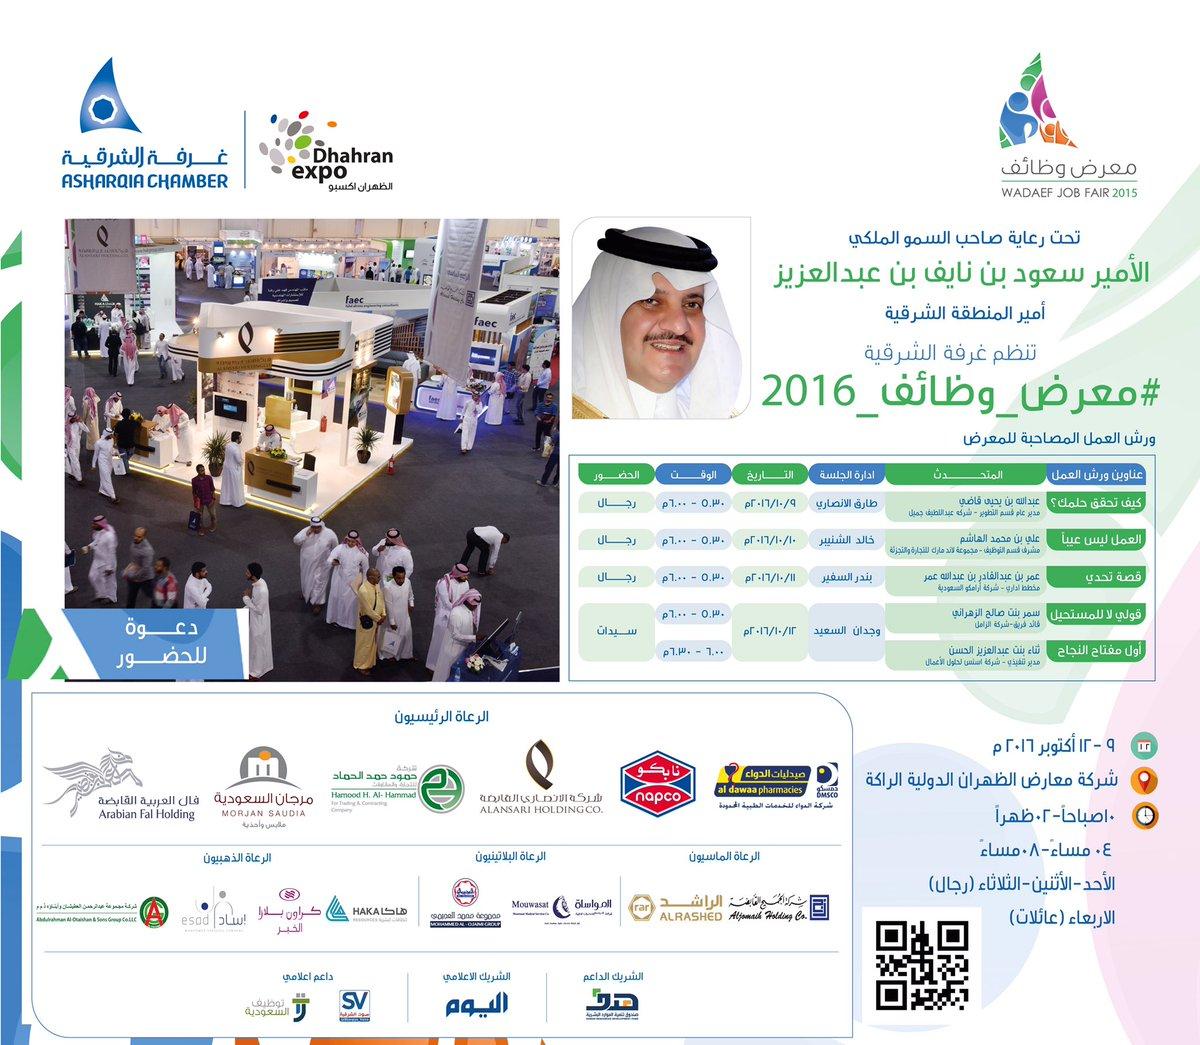 معرض وظائف 2016 في معارض الظهران الدولية - الراكة